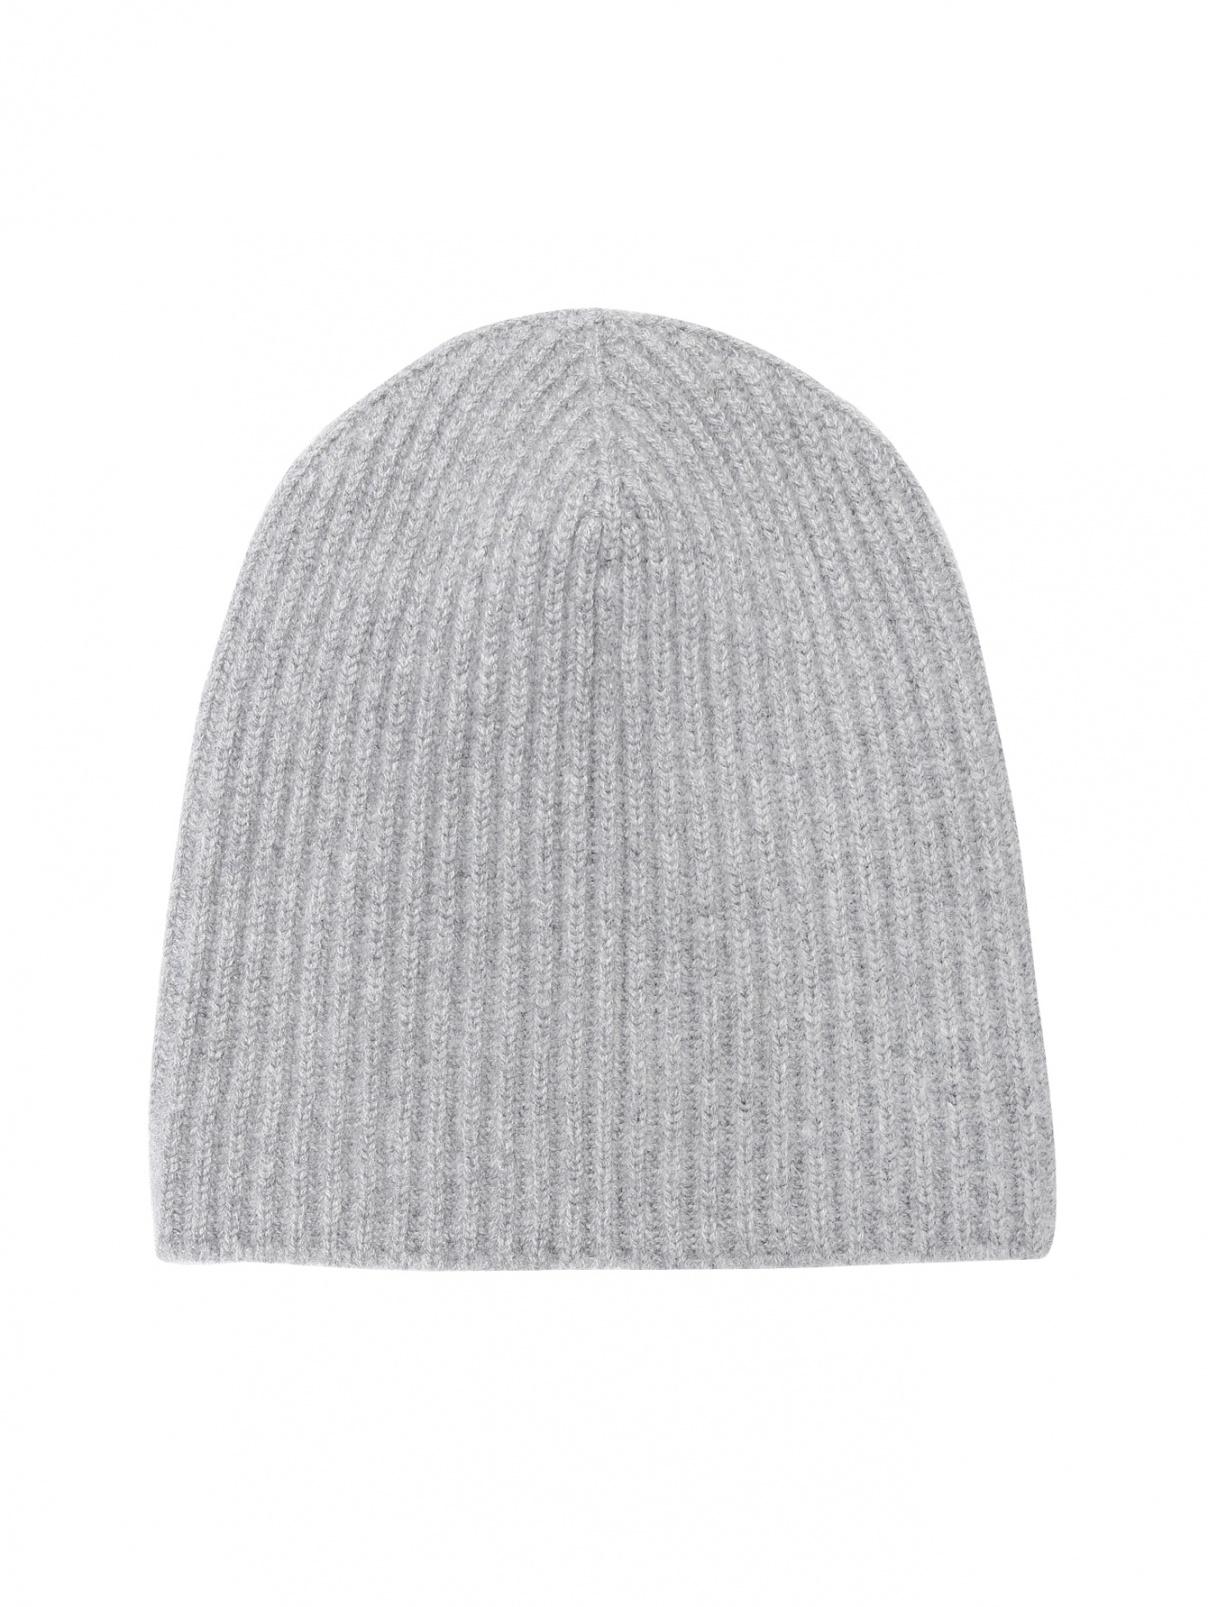 Трикотажная шапка из кашемира Begg x Co  –  Общий вид  – Цвет:  Серый